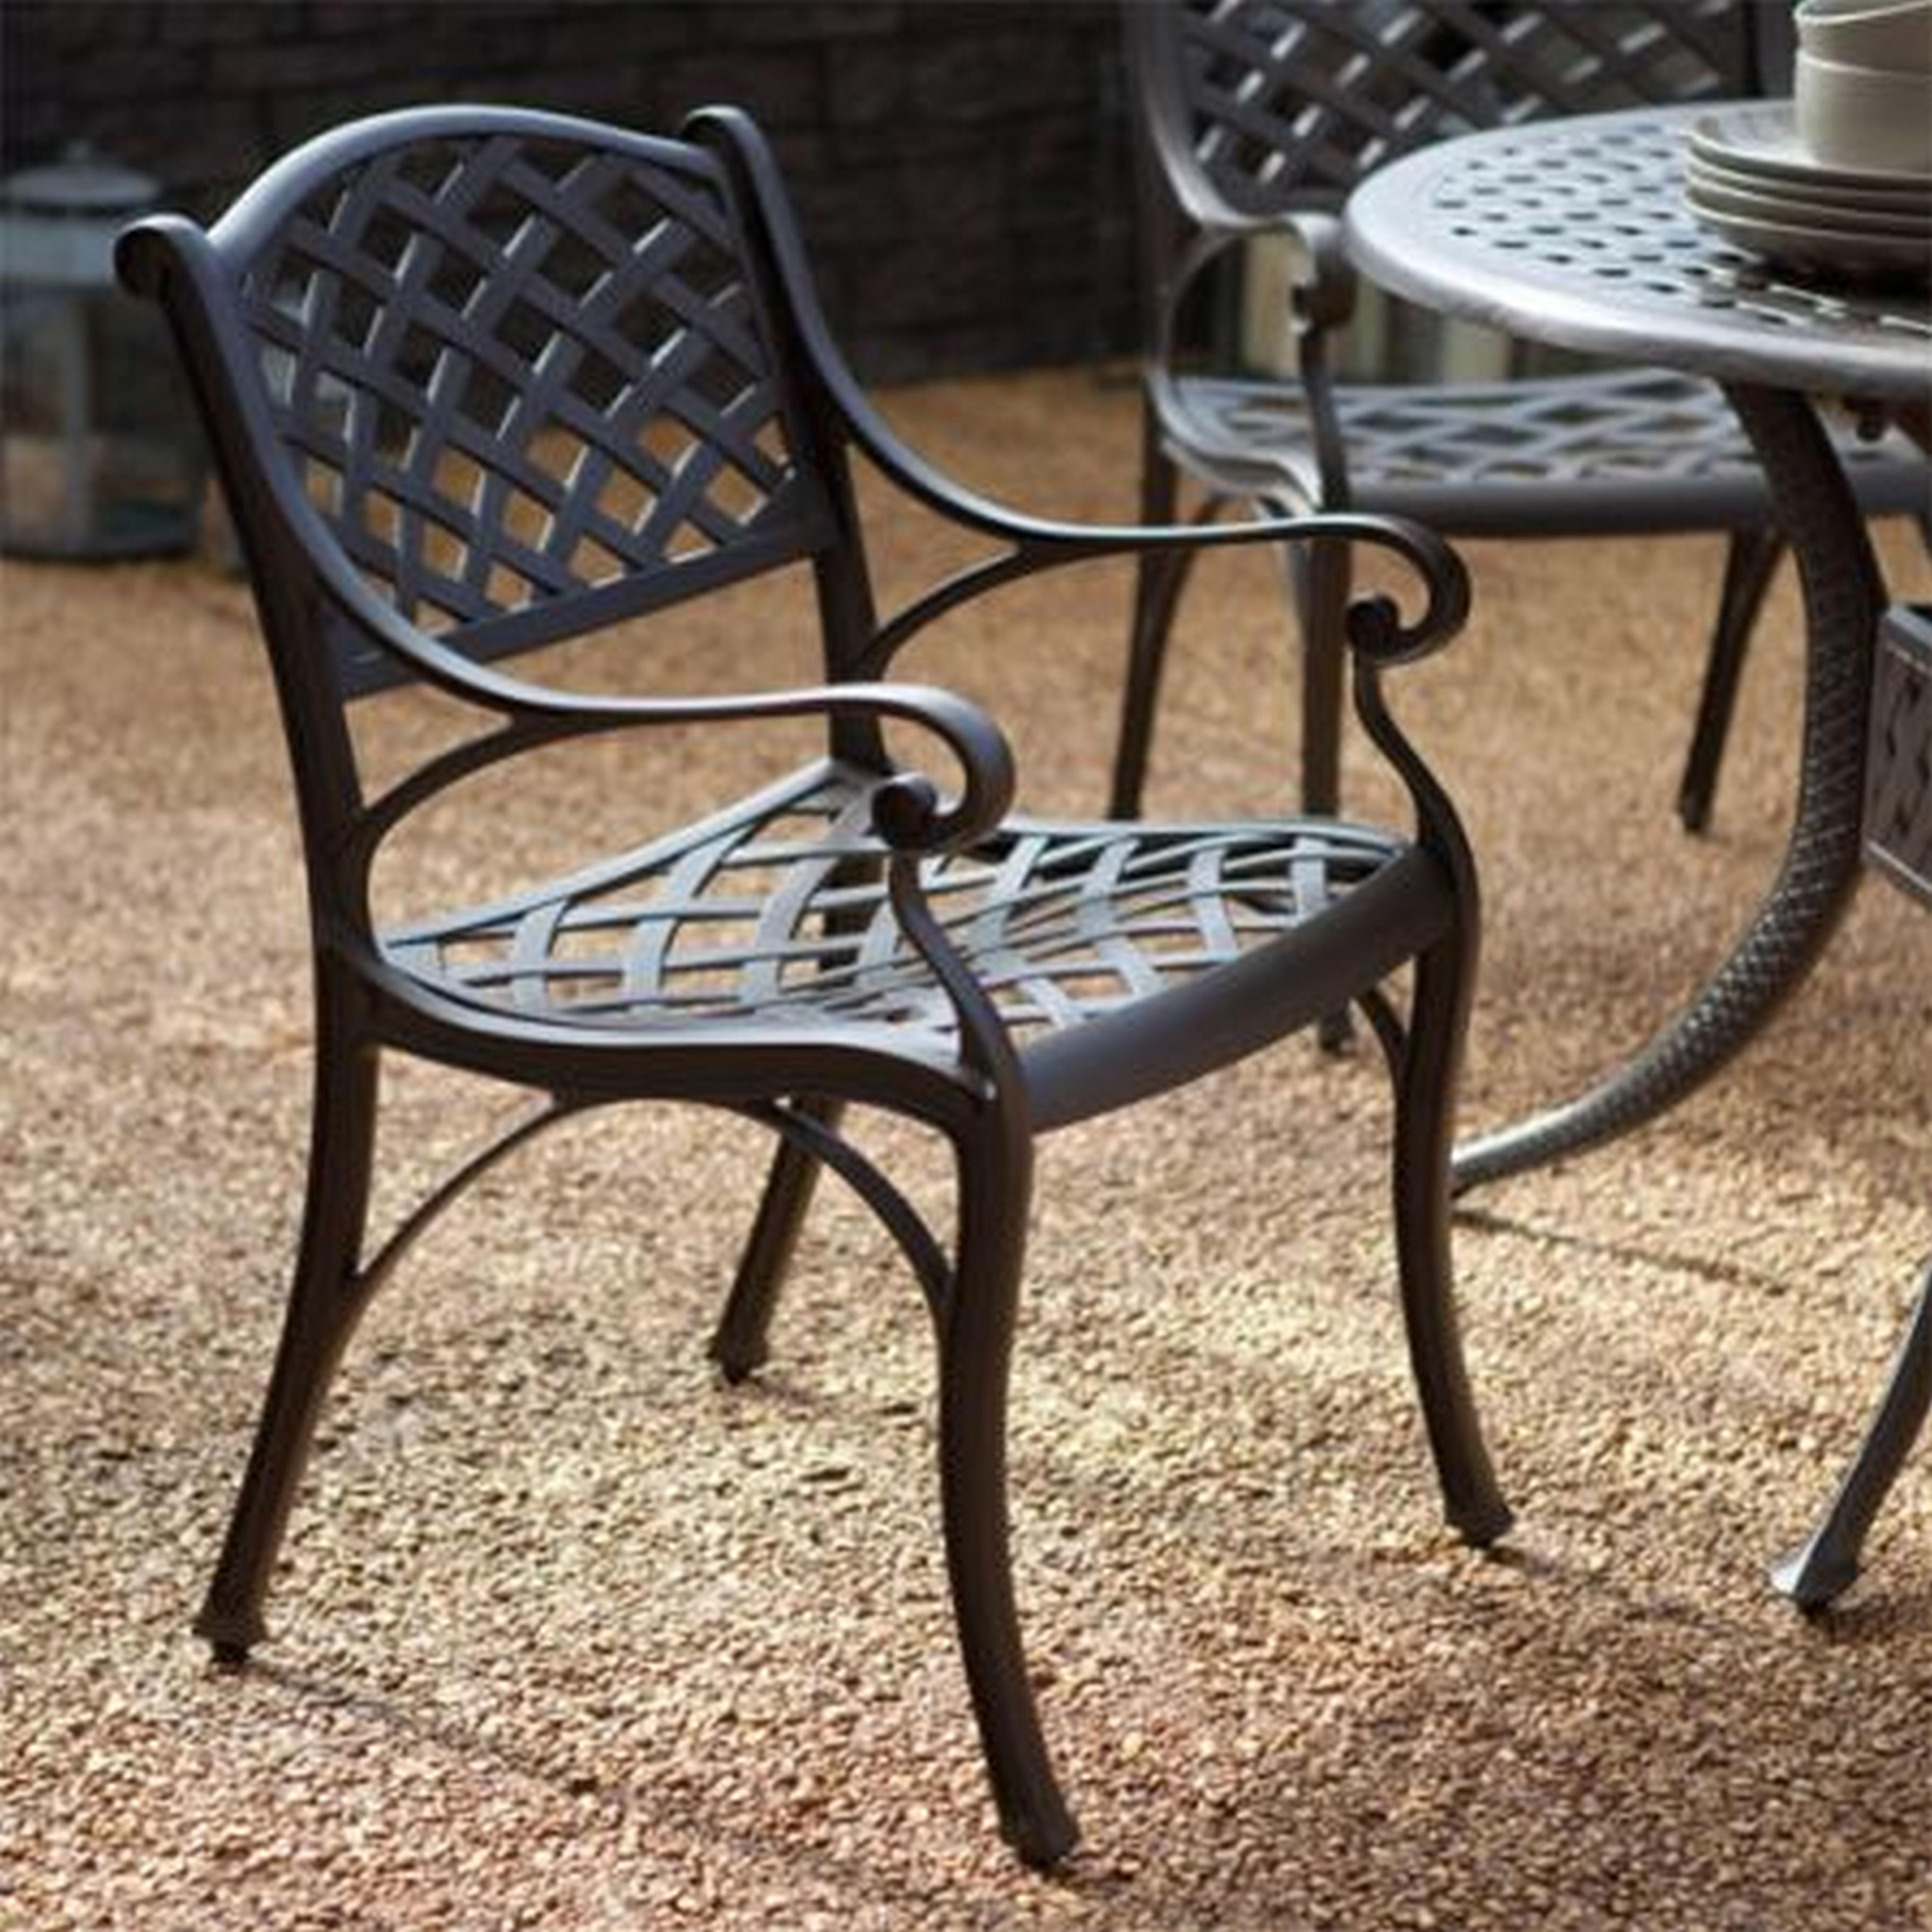 Patio : Patio Aluminium Furniture Aluminum Rocking Chair Swivel Within Trendy Black Aluminum Patio Conversation Sets (View 11 of 20)